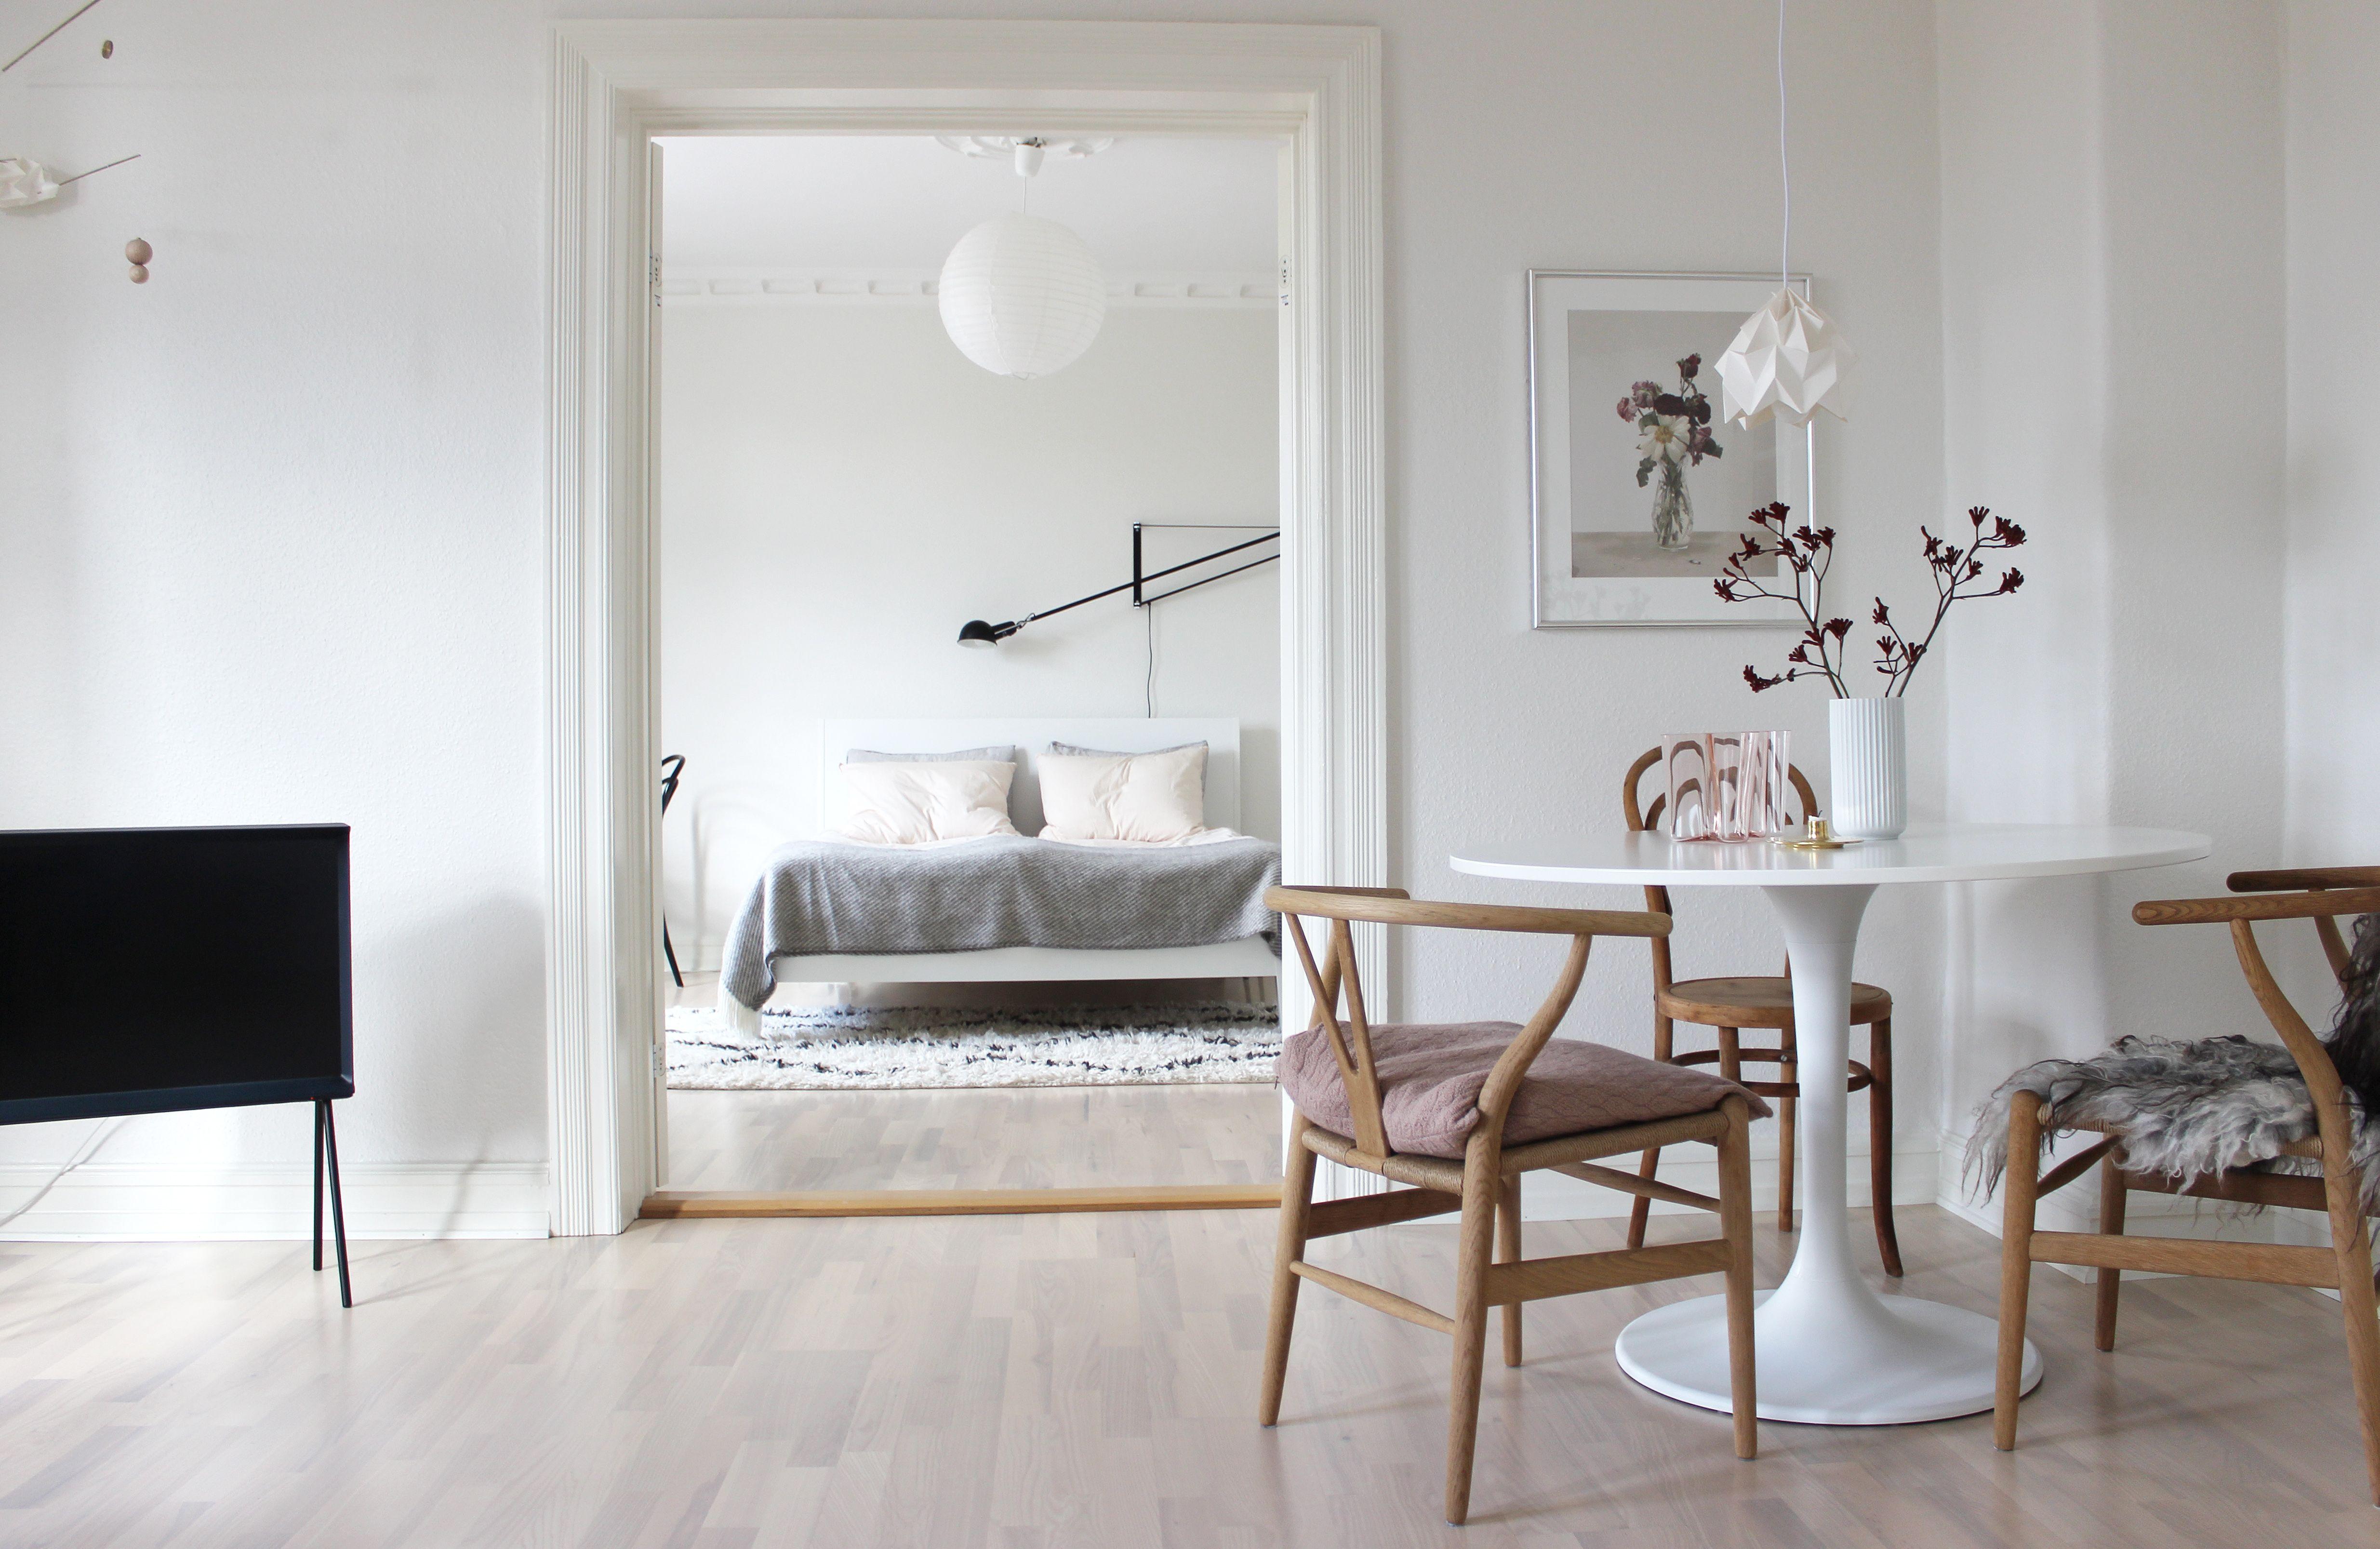 scandinavian interior design, scandinavian dining spot, samsung serif, via http://www.scandinavianlovesong.com/